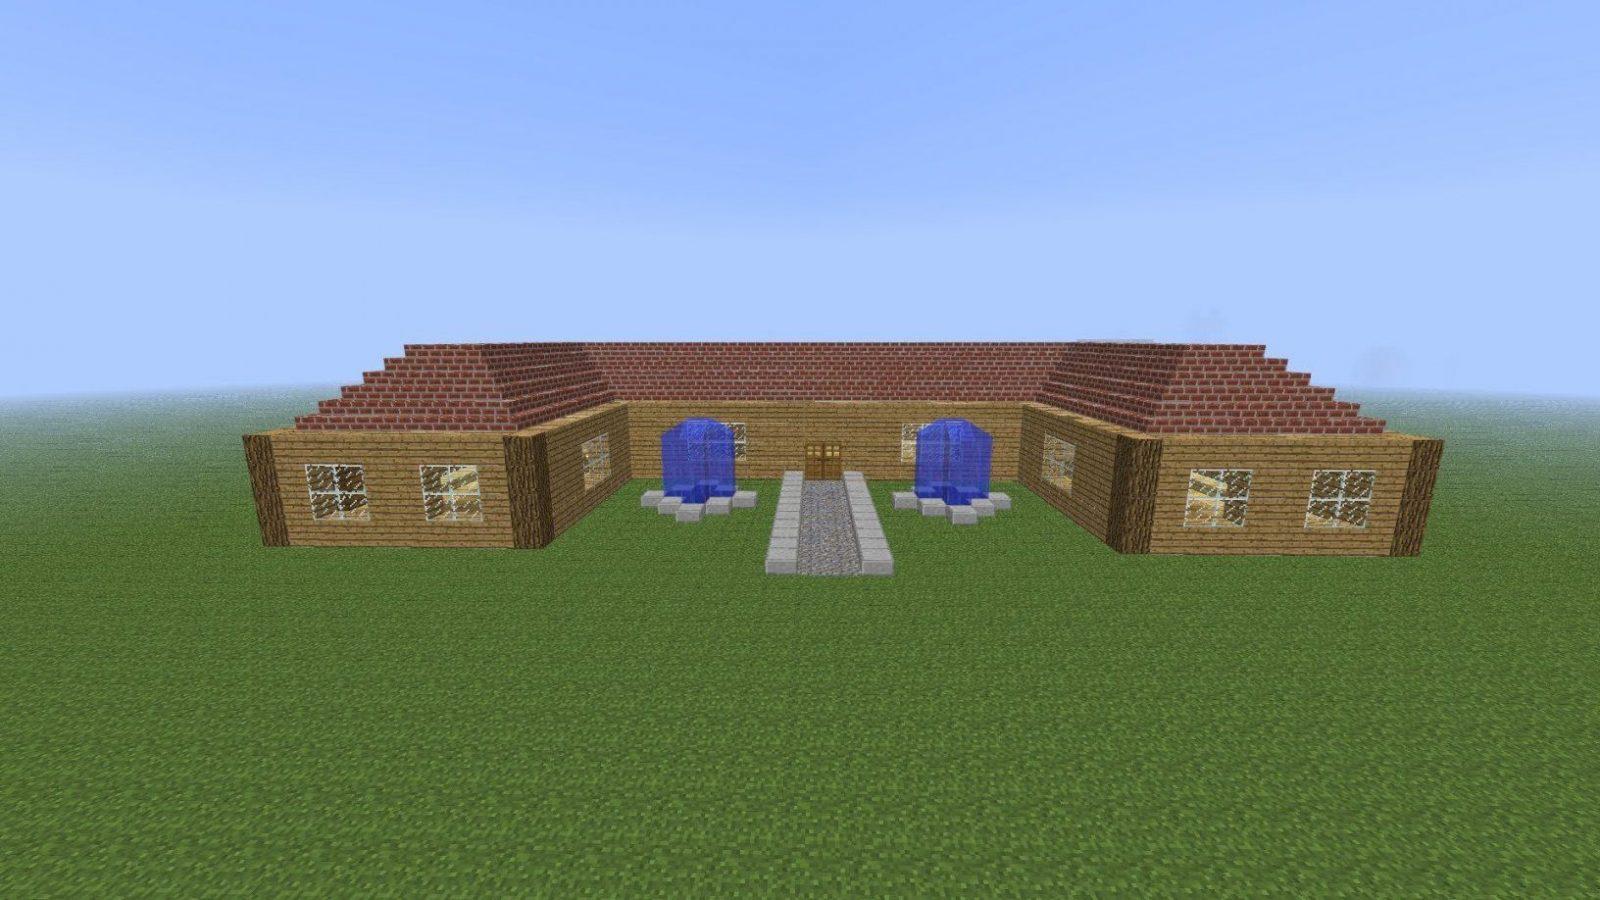 Minecraftschönes Haus Bauen Tutorial  Youtube von Minecraft Schönes Haus Bauen Bild